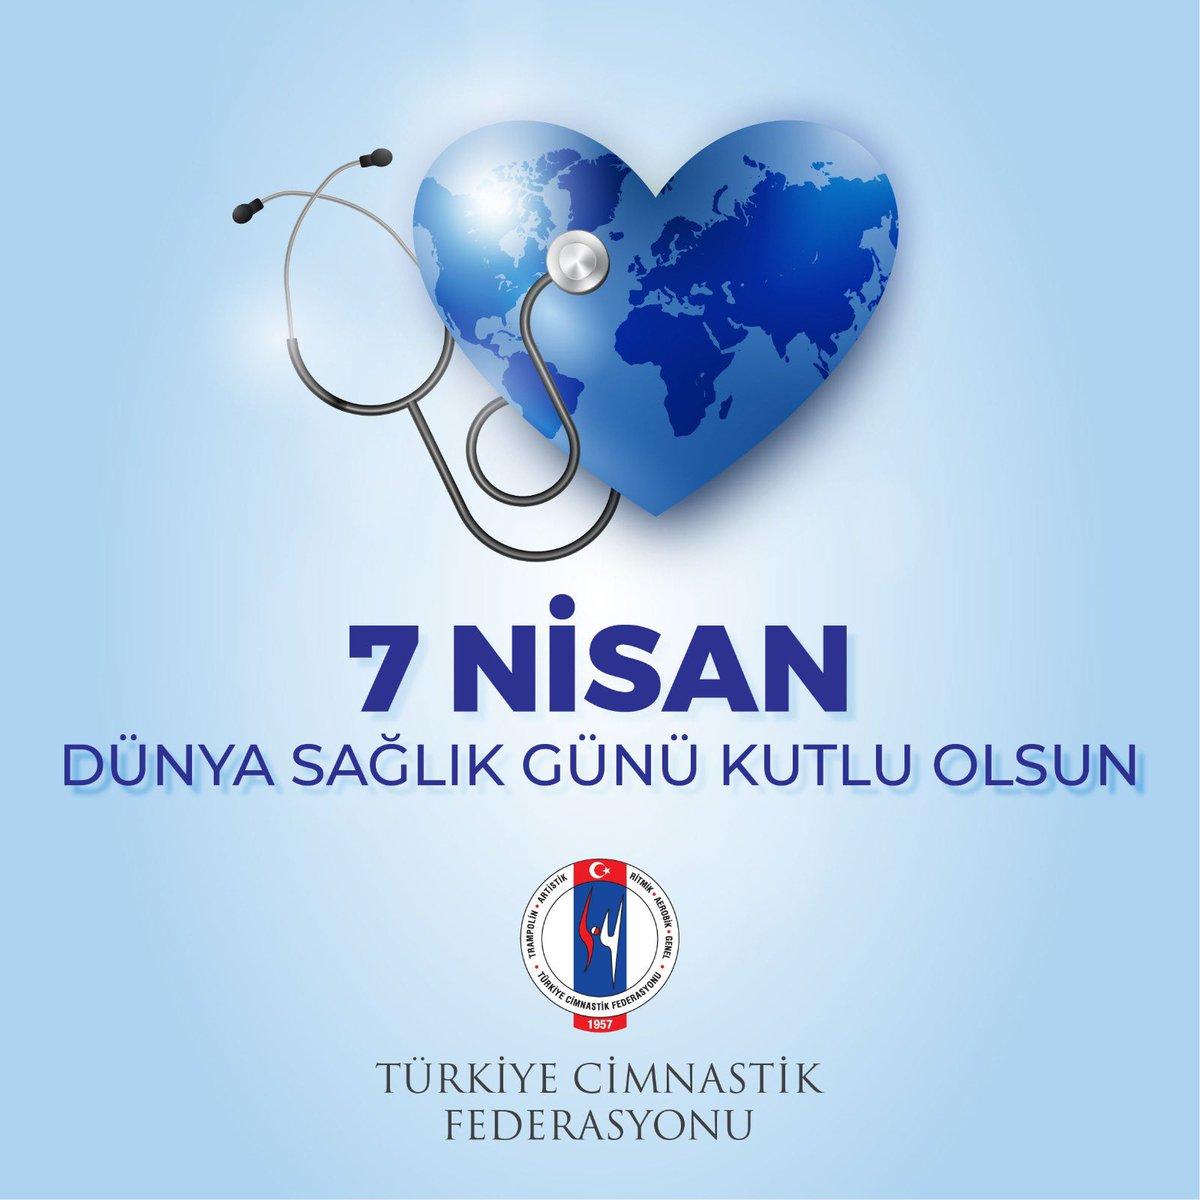 En zor koşullarda dahi özveriyle çalışan tüm sağlık çalışanlarımızın Dünya Sağlık Günü kutlu olsun#DünyaSağlıkGünüpic.twitter.com/NNdbUCFTLu